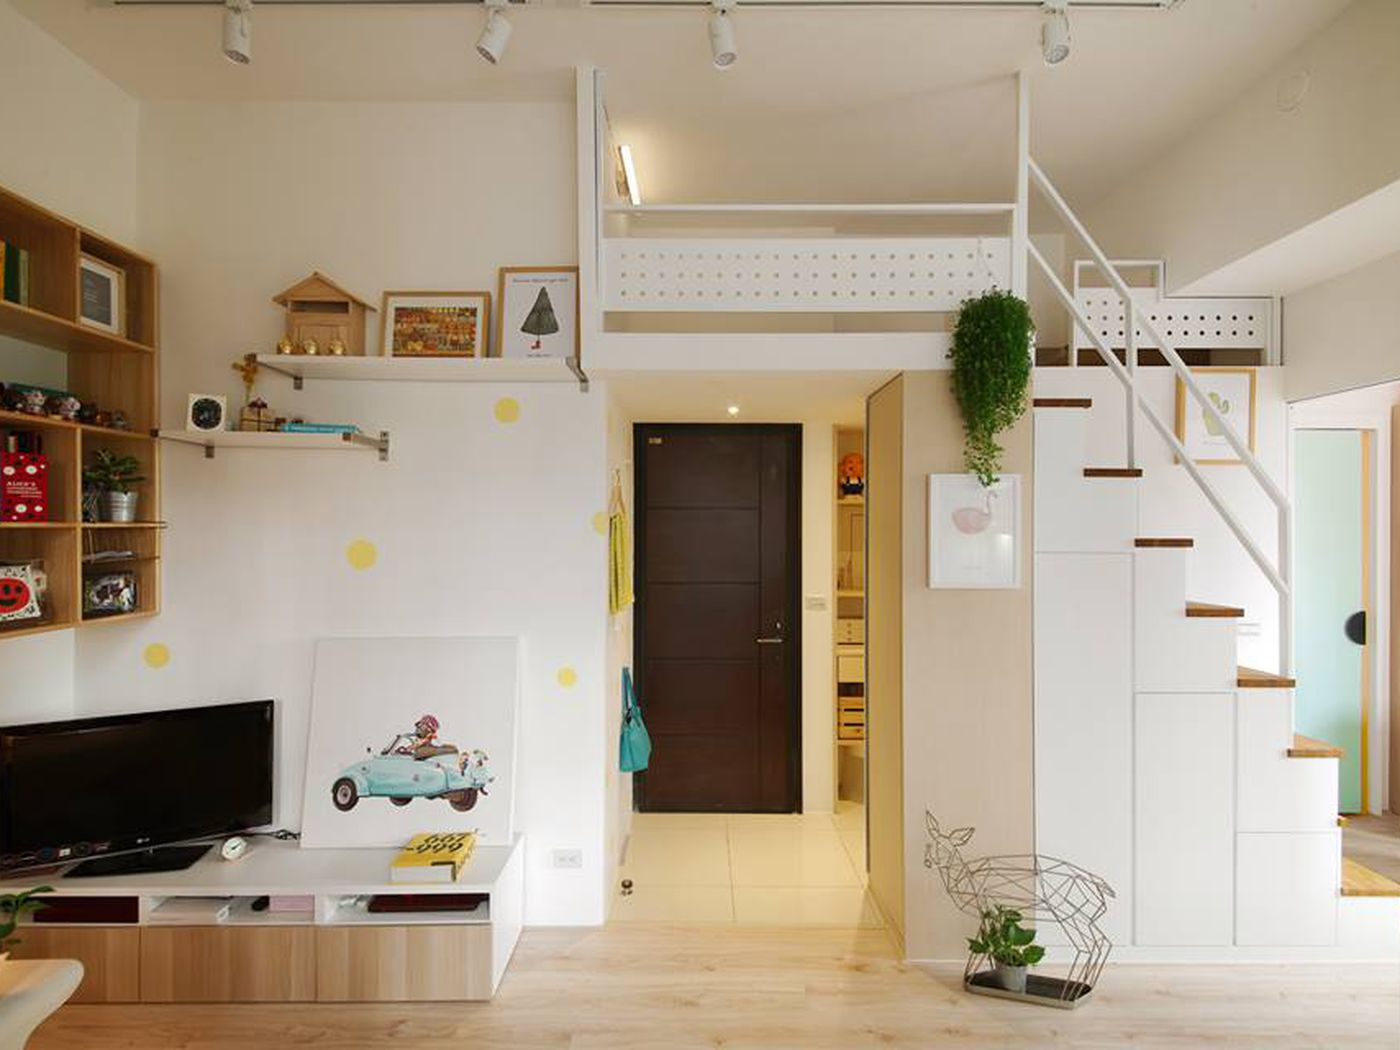 thiết kế phòng khách nhà ống 5m